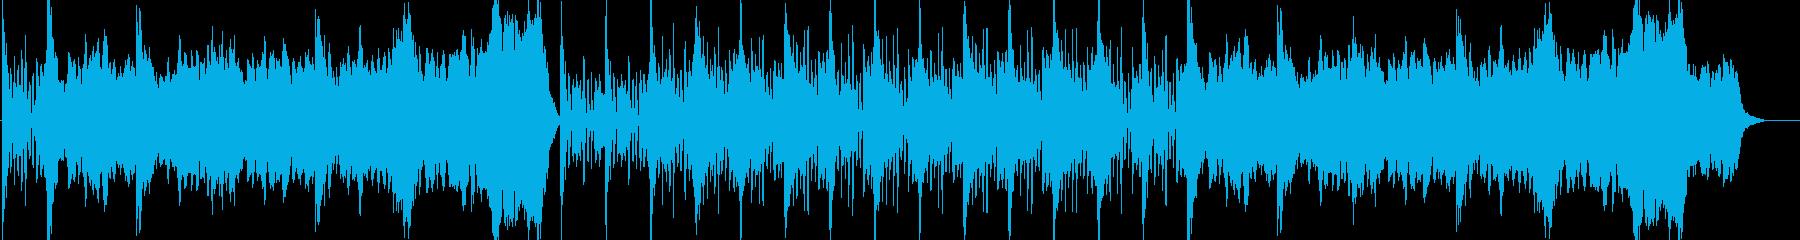 緊張感のある戦闘・アドベンチャー音楽の再生済みの波形